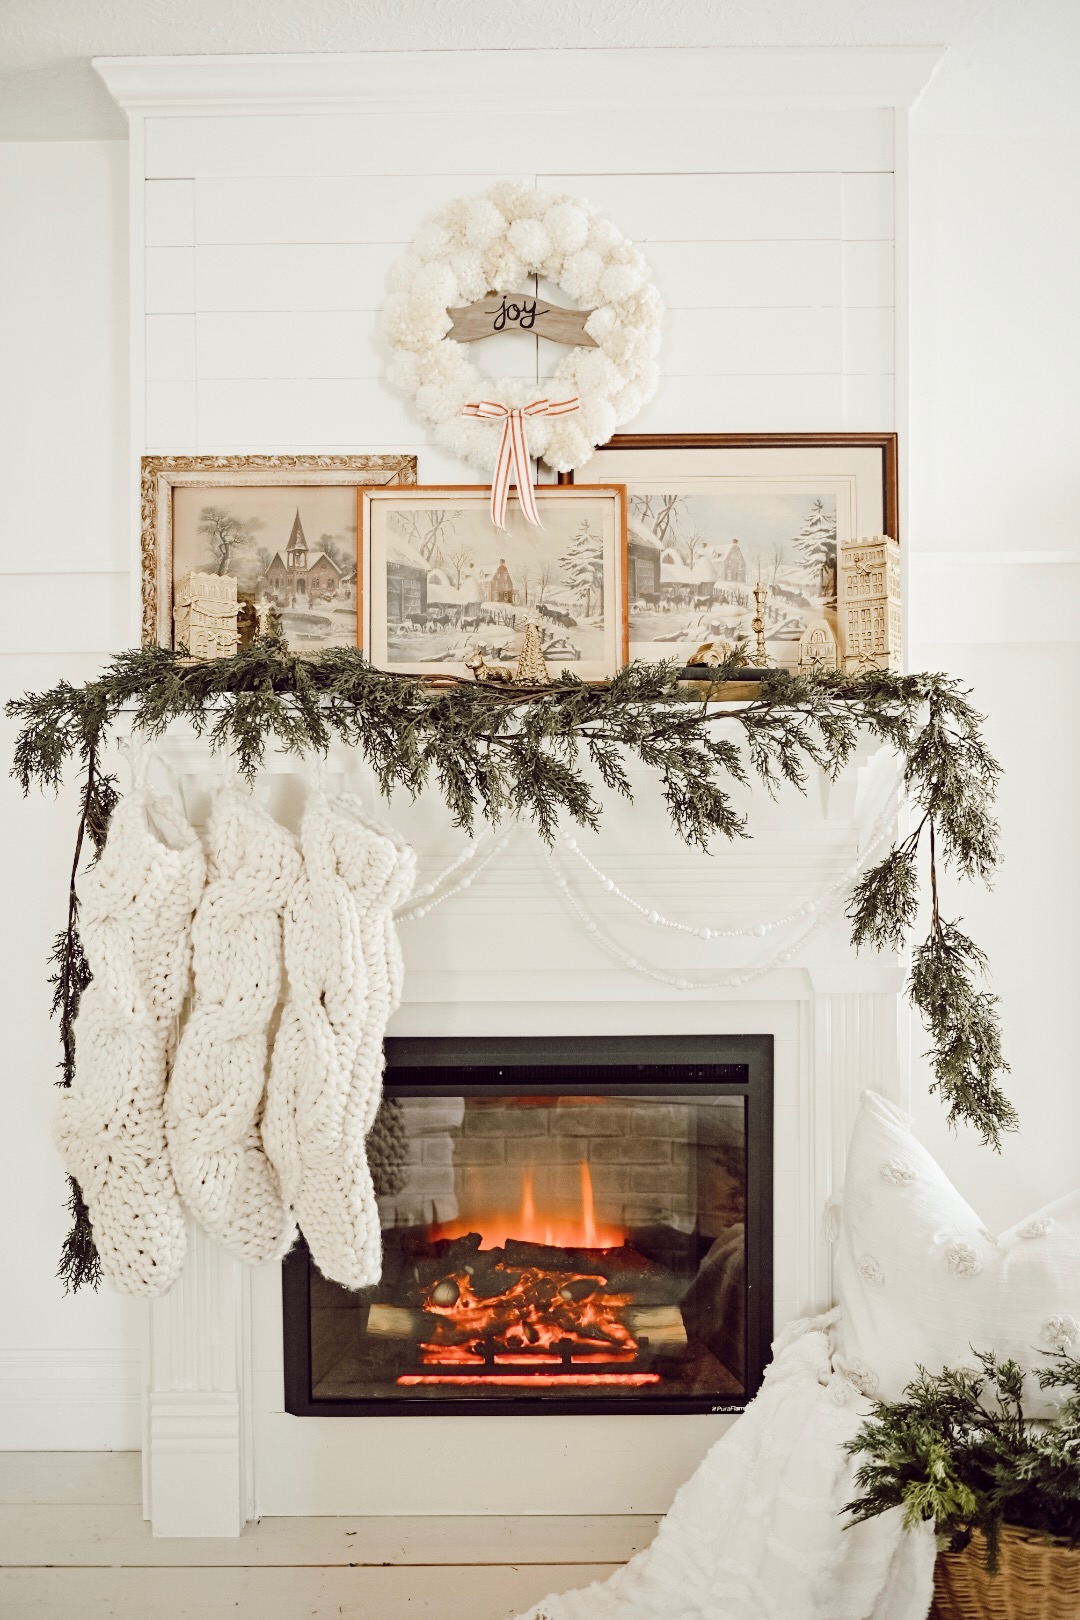 A Nostalgic Christmas Mantel